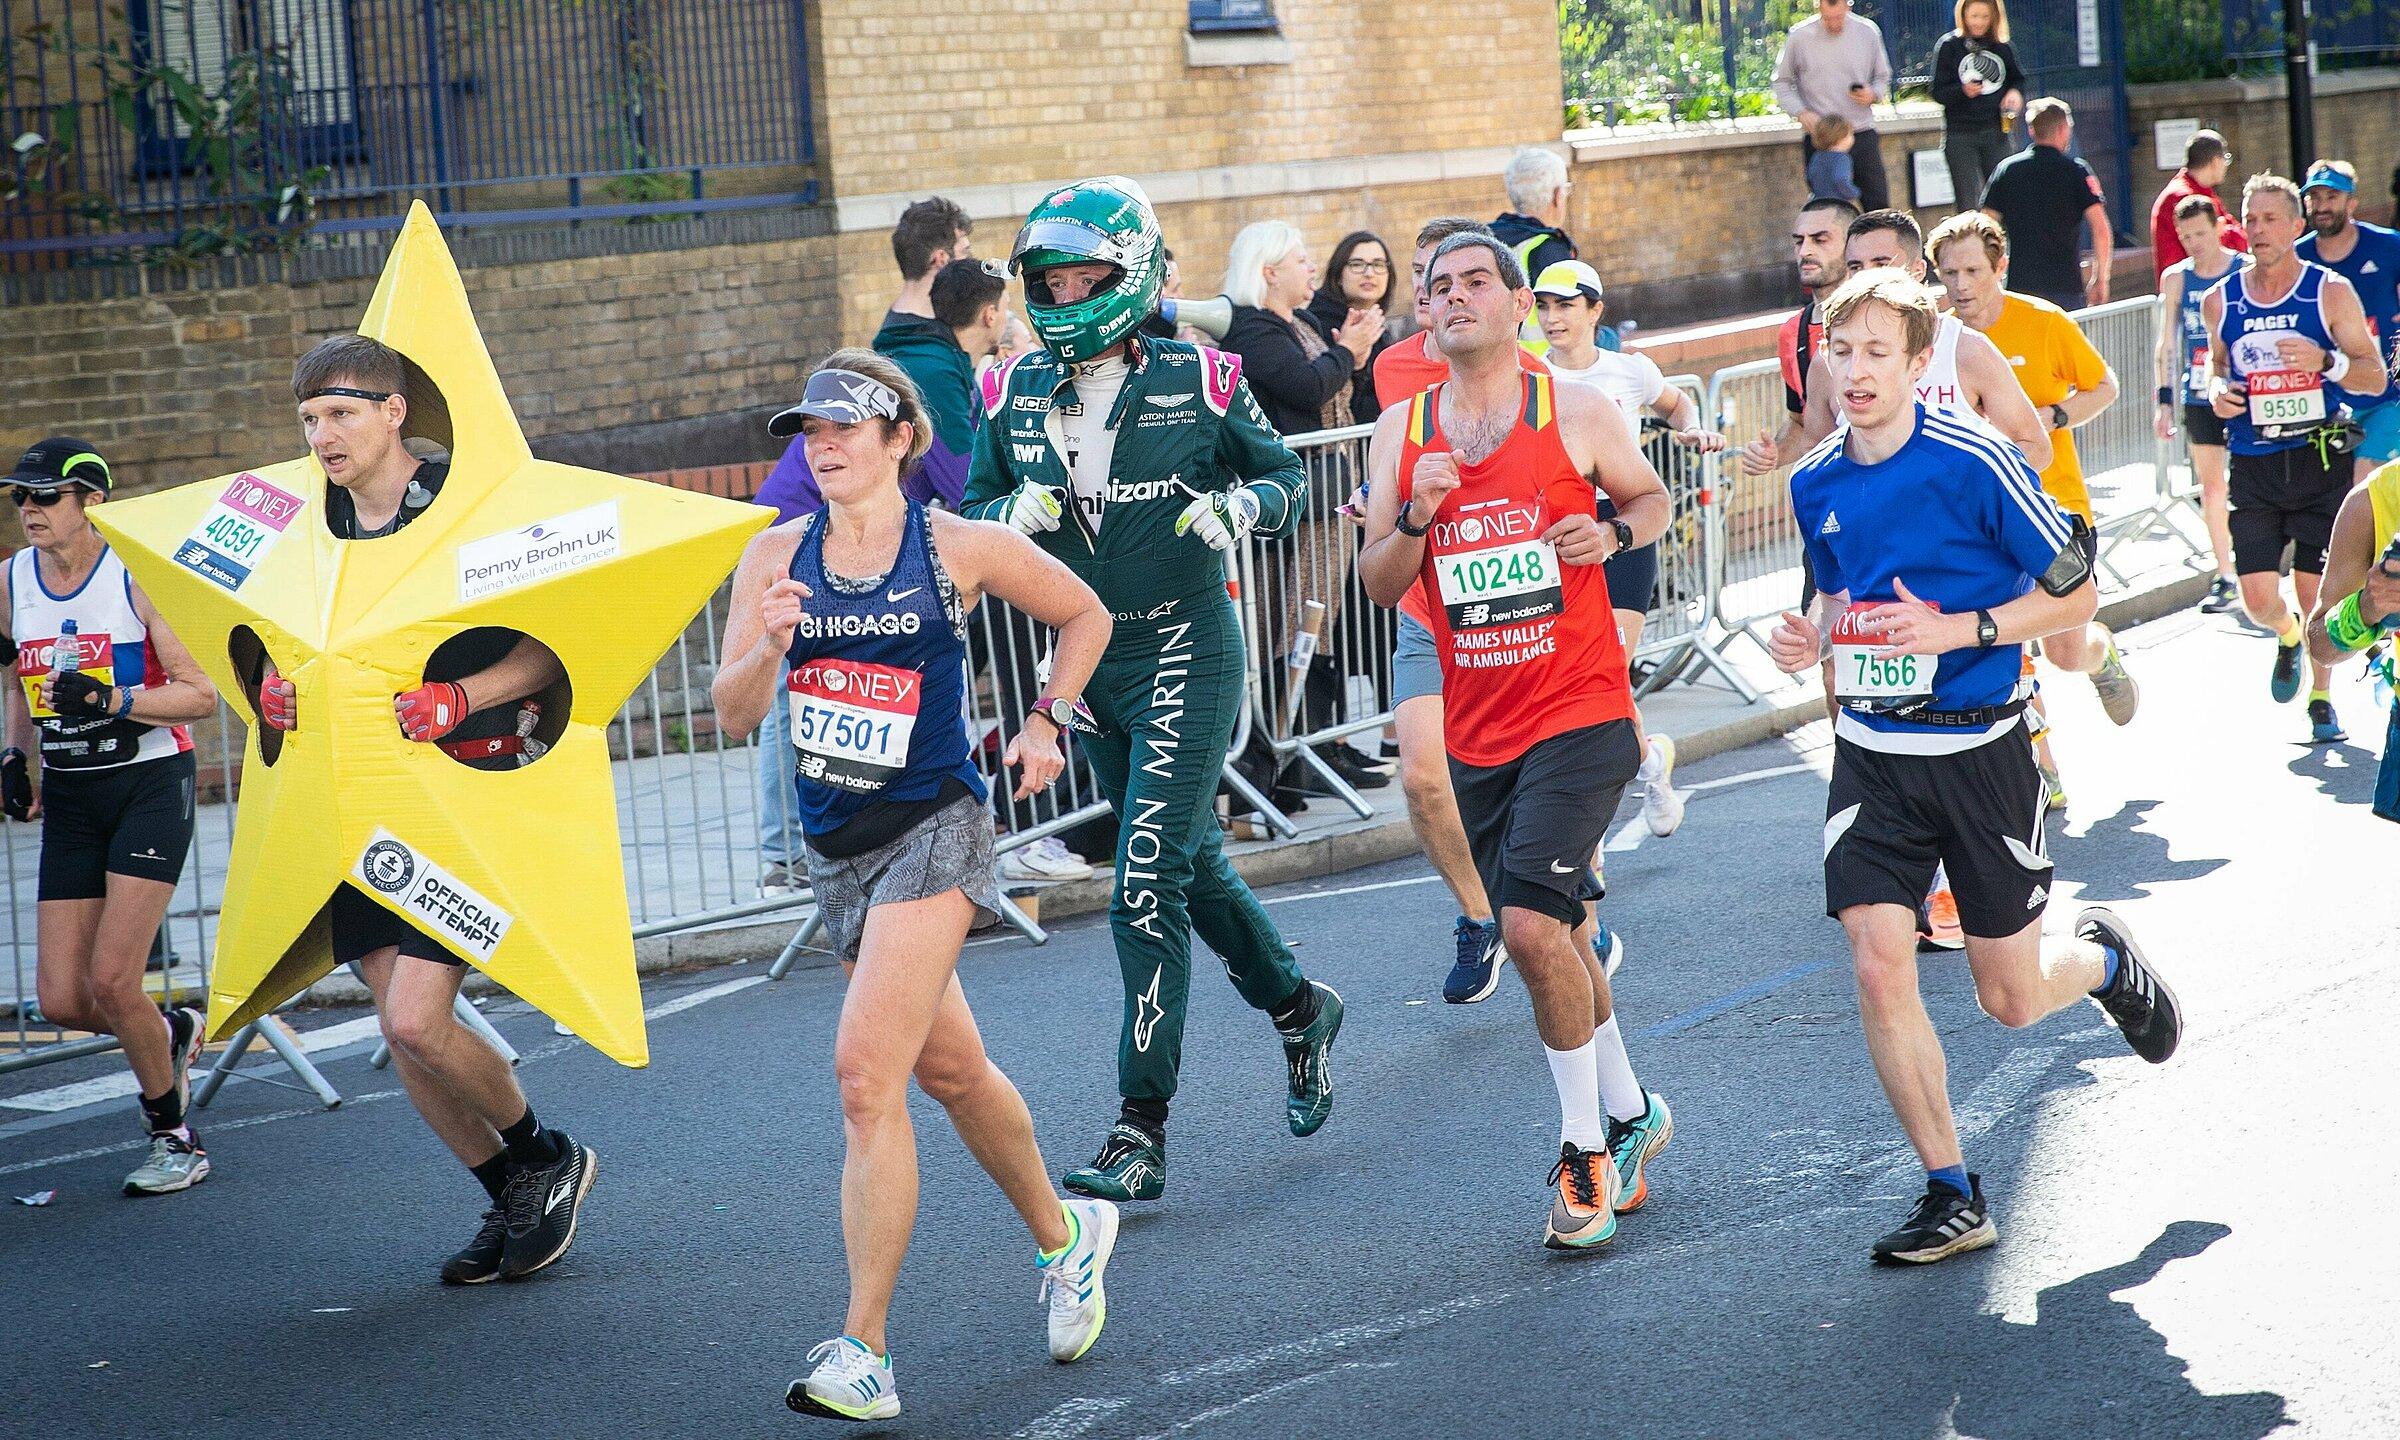 Crawford trong bộ trang phục thi đấu F1 của Aston Martin trên đường chạy London Marathon hôm 3/10. Ảnh: Twitter / F1